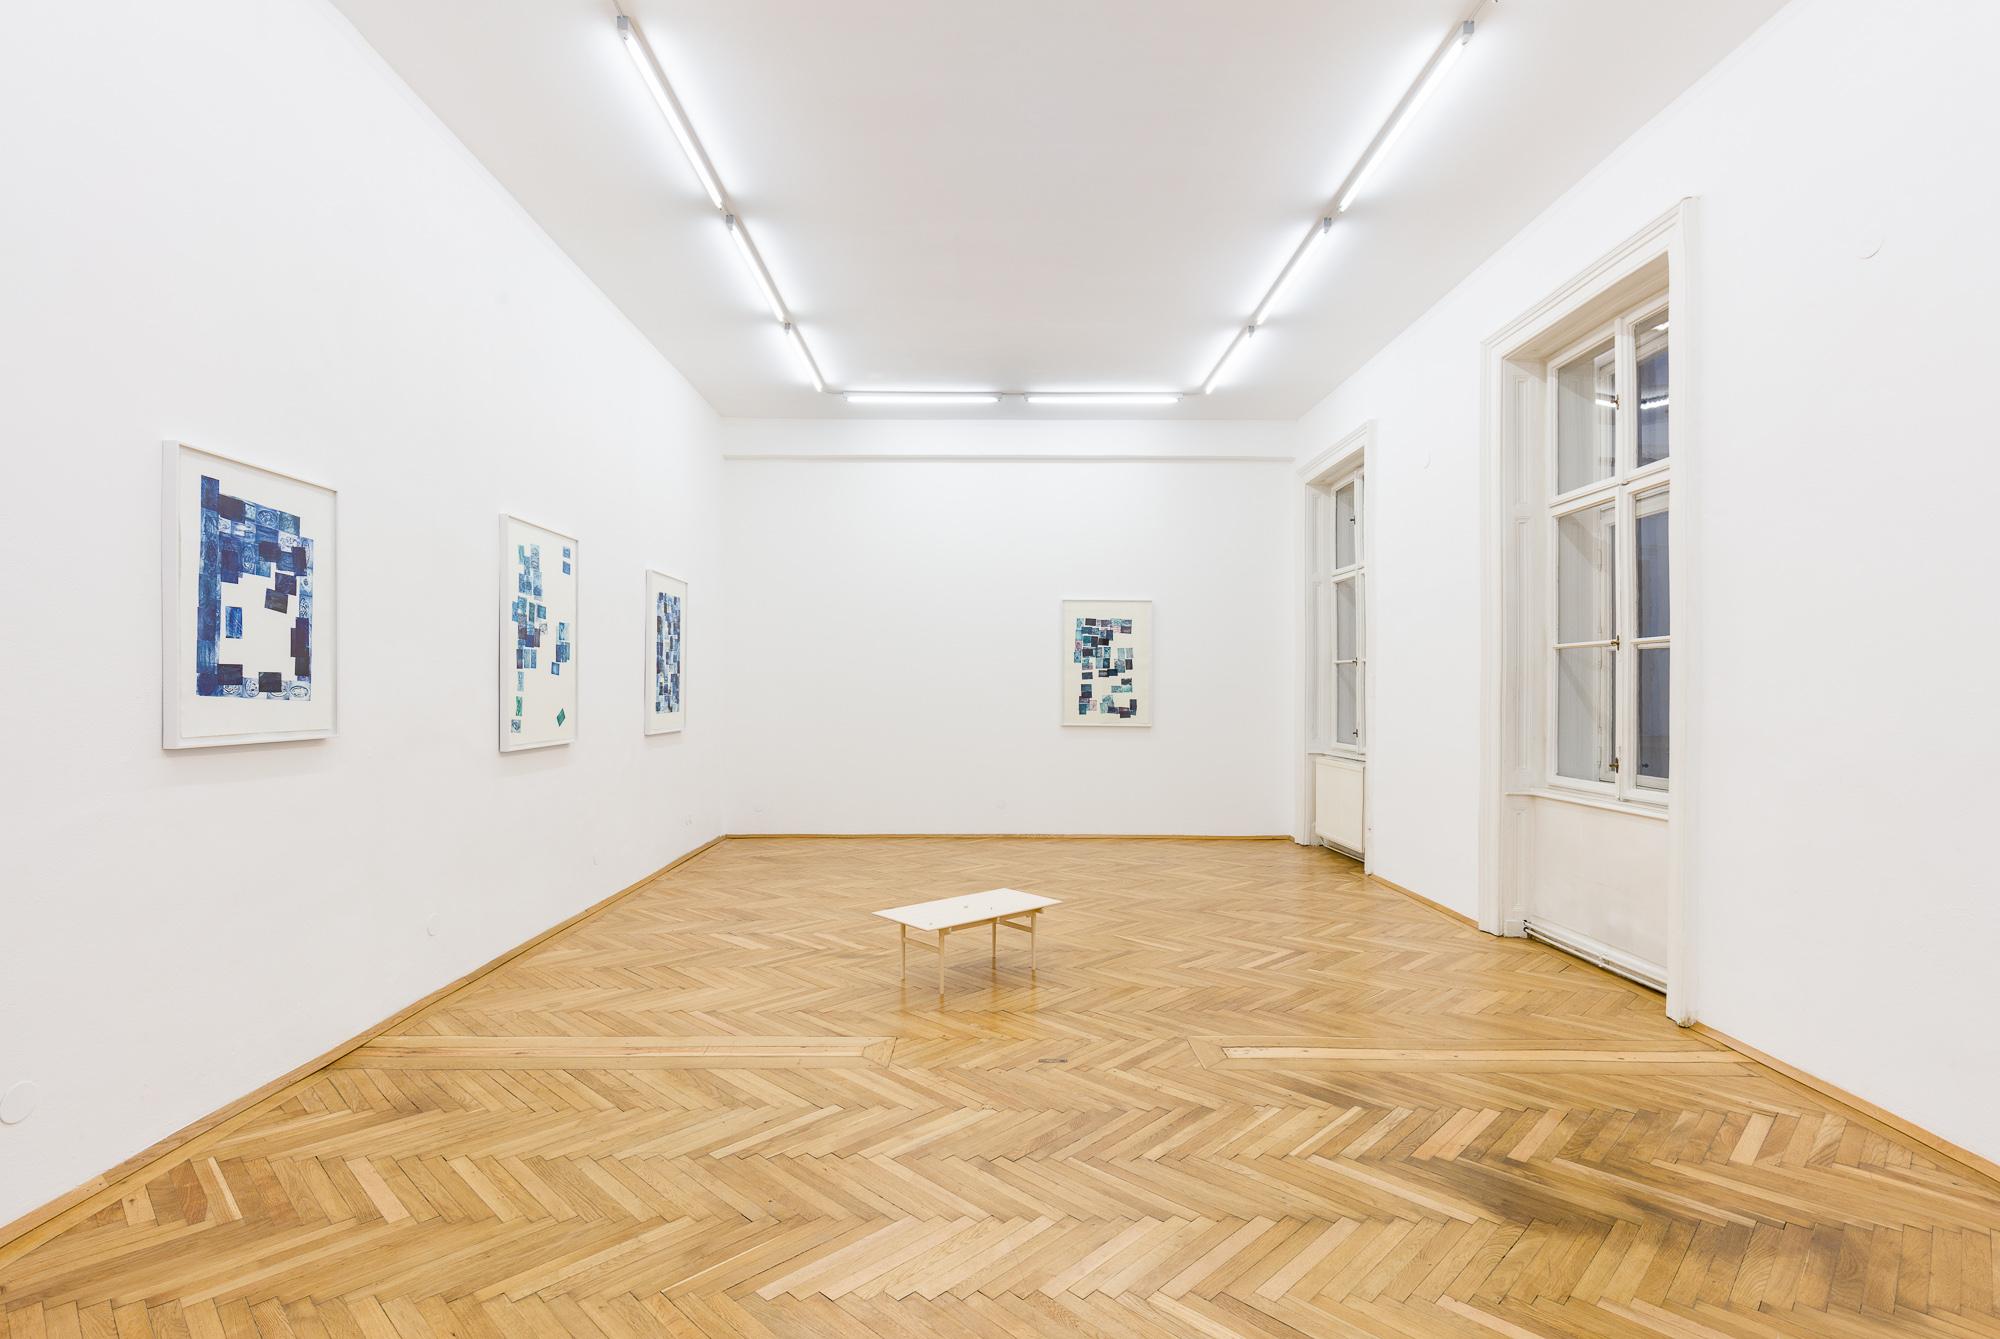 2019_01_25_Knut Ivar Aaser at Felix Gaudlitz_by kunst-dokumentationcom_002_web_v2.jpg